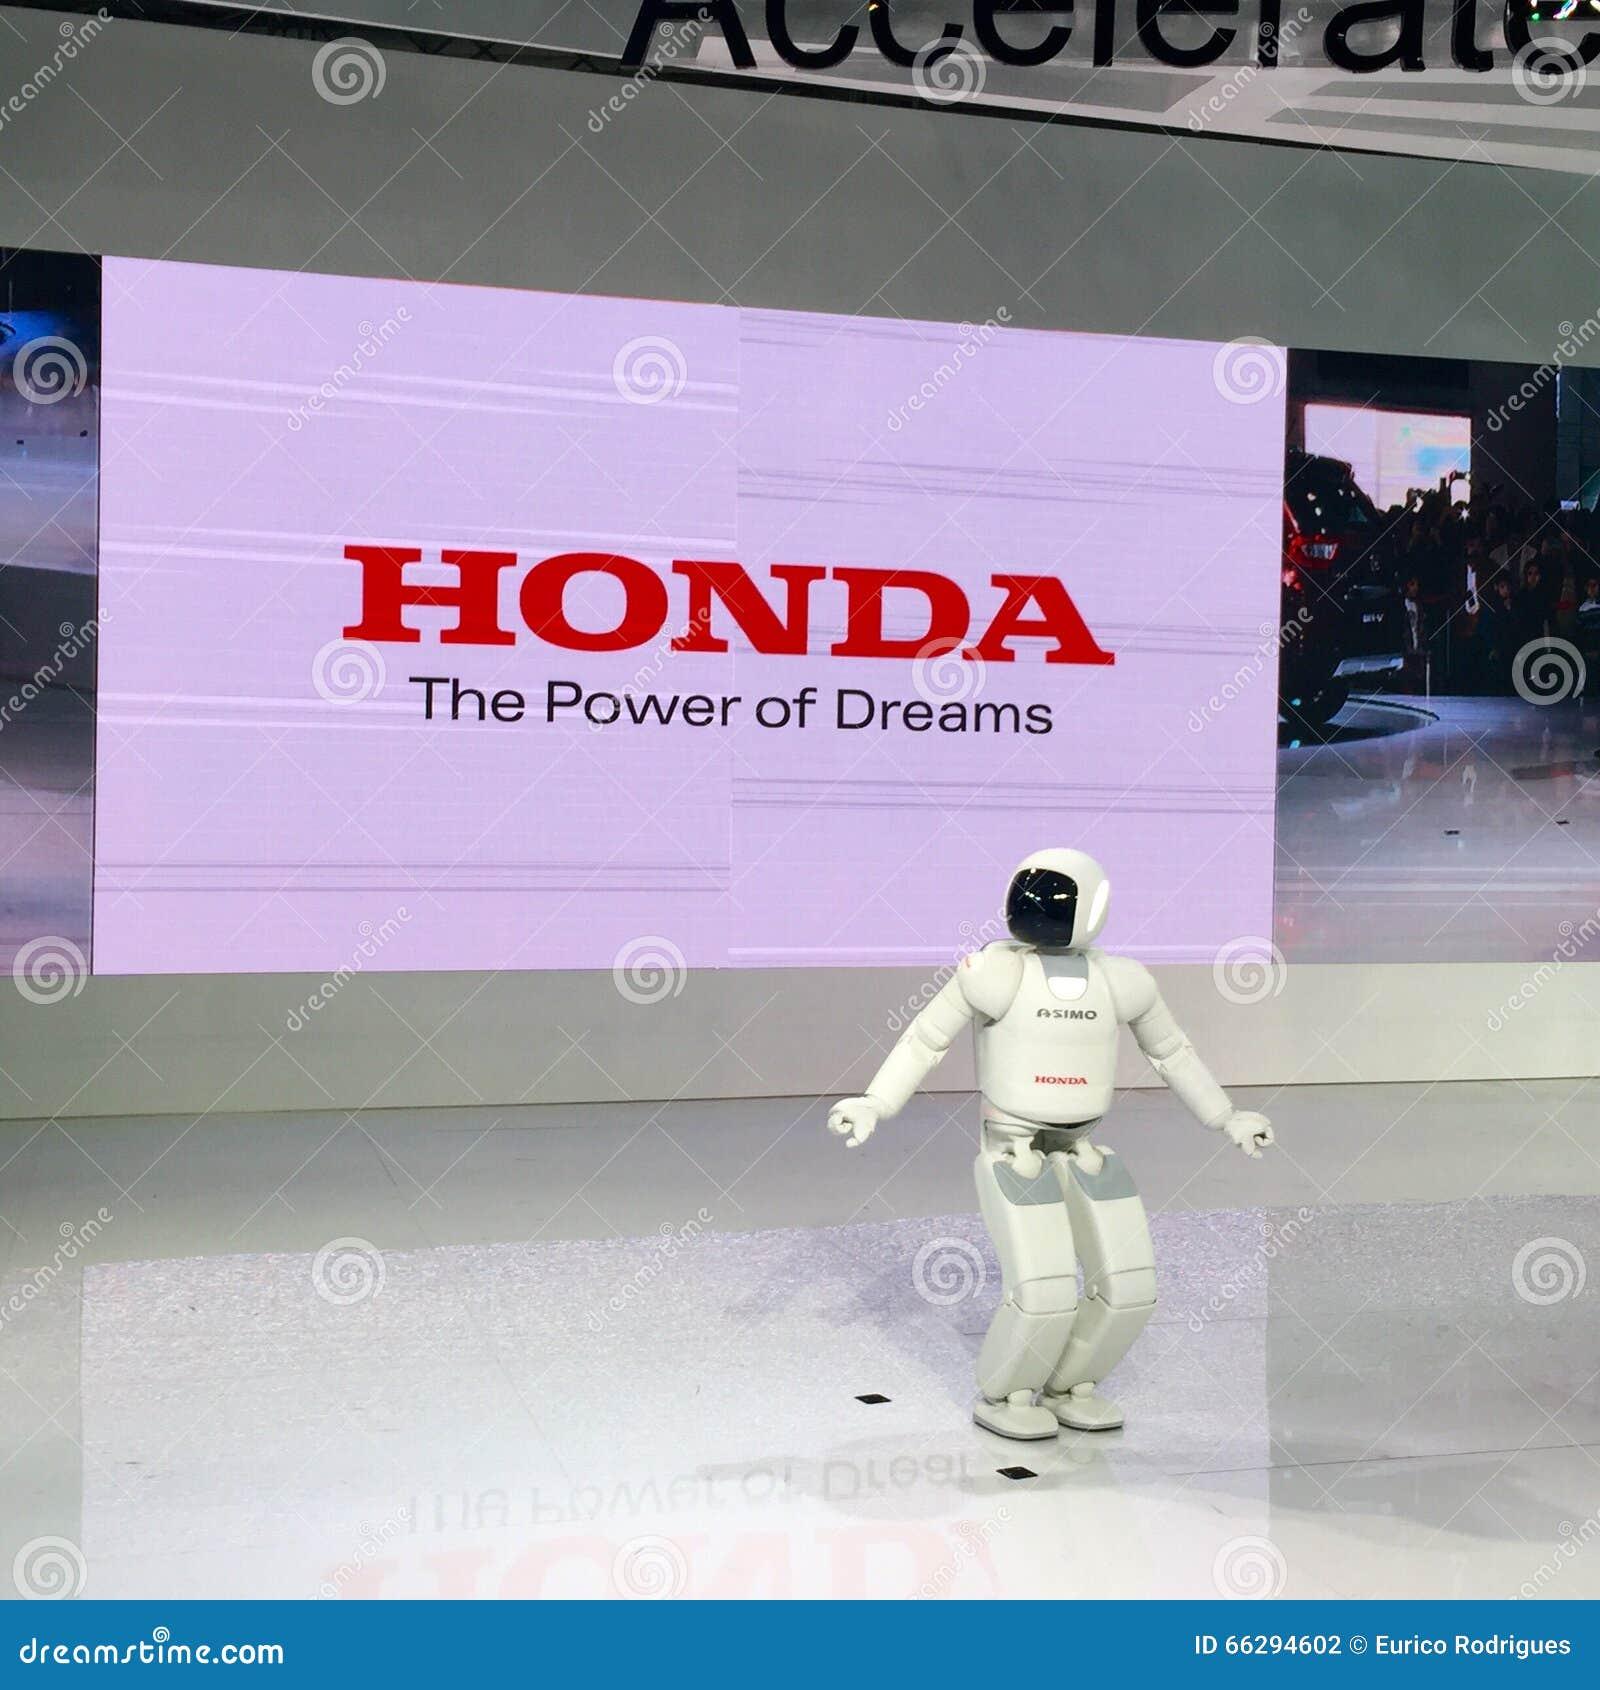 ASIMO Robot at Auto Expo 2016, Noida, India.